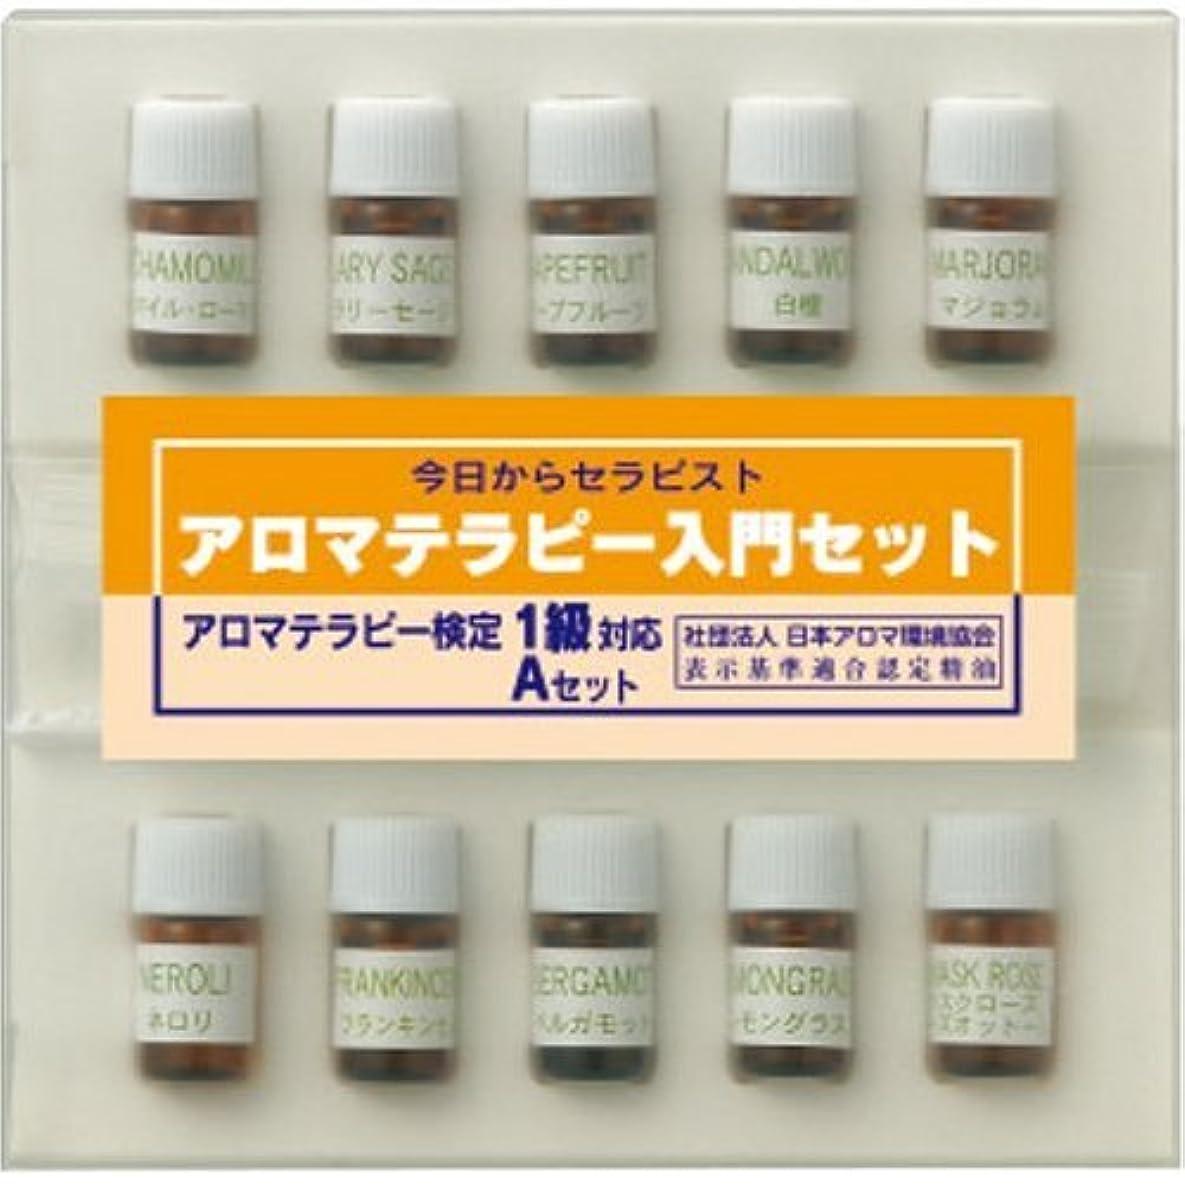 生活の木 アロマ 入門セット 検定 1 級